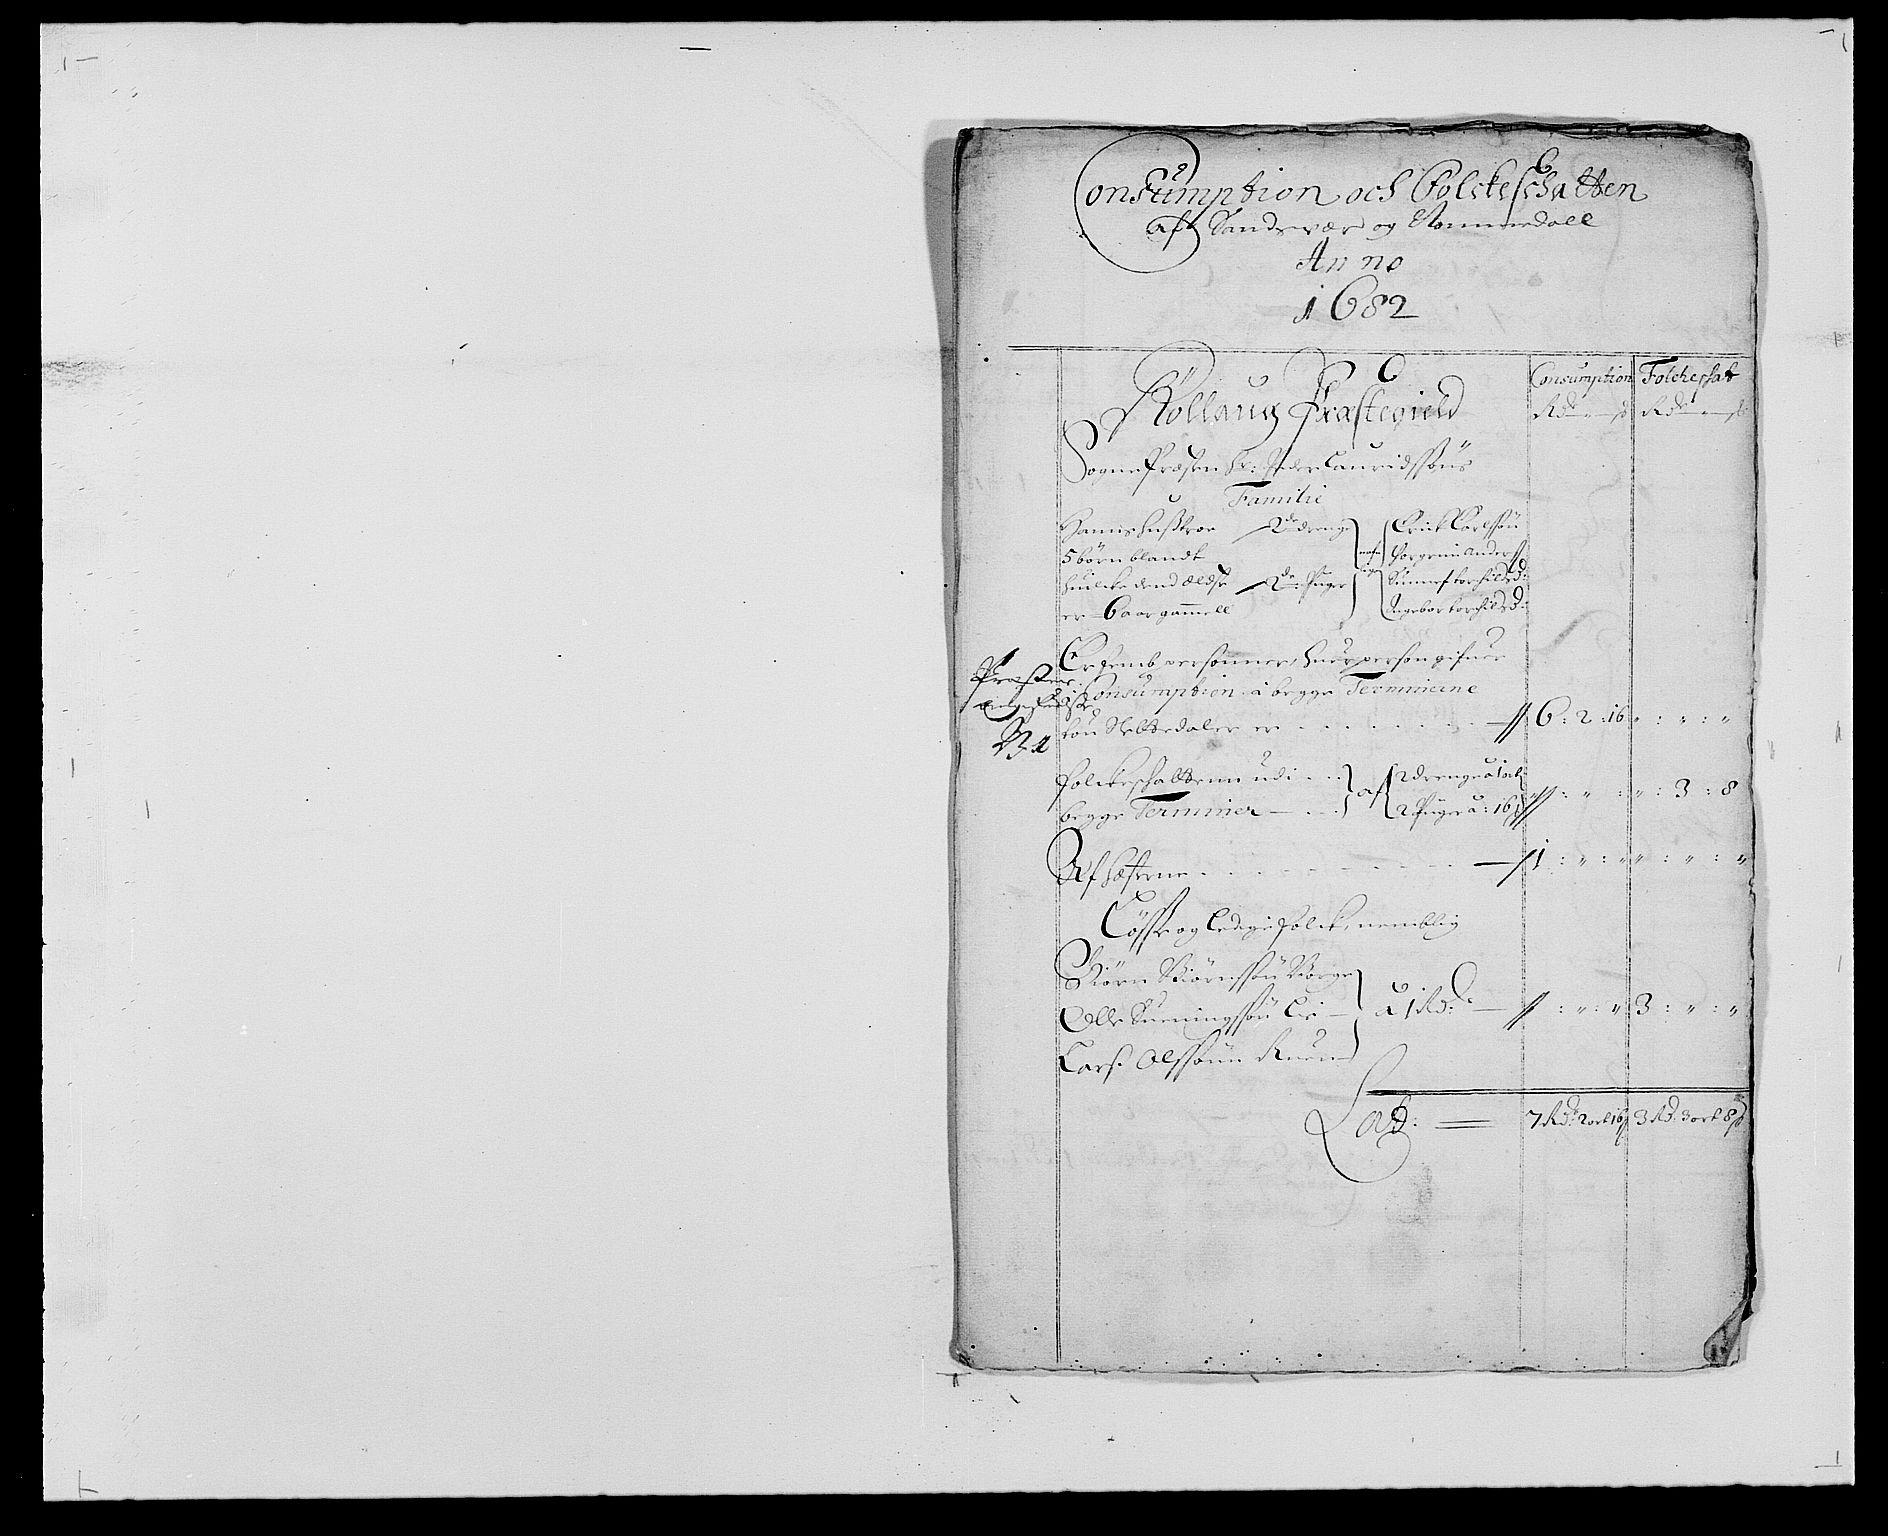 RA, Rentekammeret inntil 1814, Reviderte regnskaper, Fogderegnskap, R24/L1570: Fogderegnskap Numedal og Sandsvær, 1679-1686, s. 162